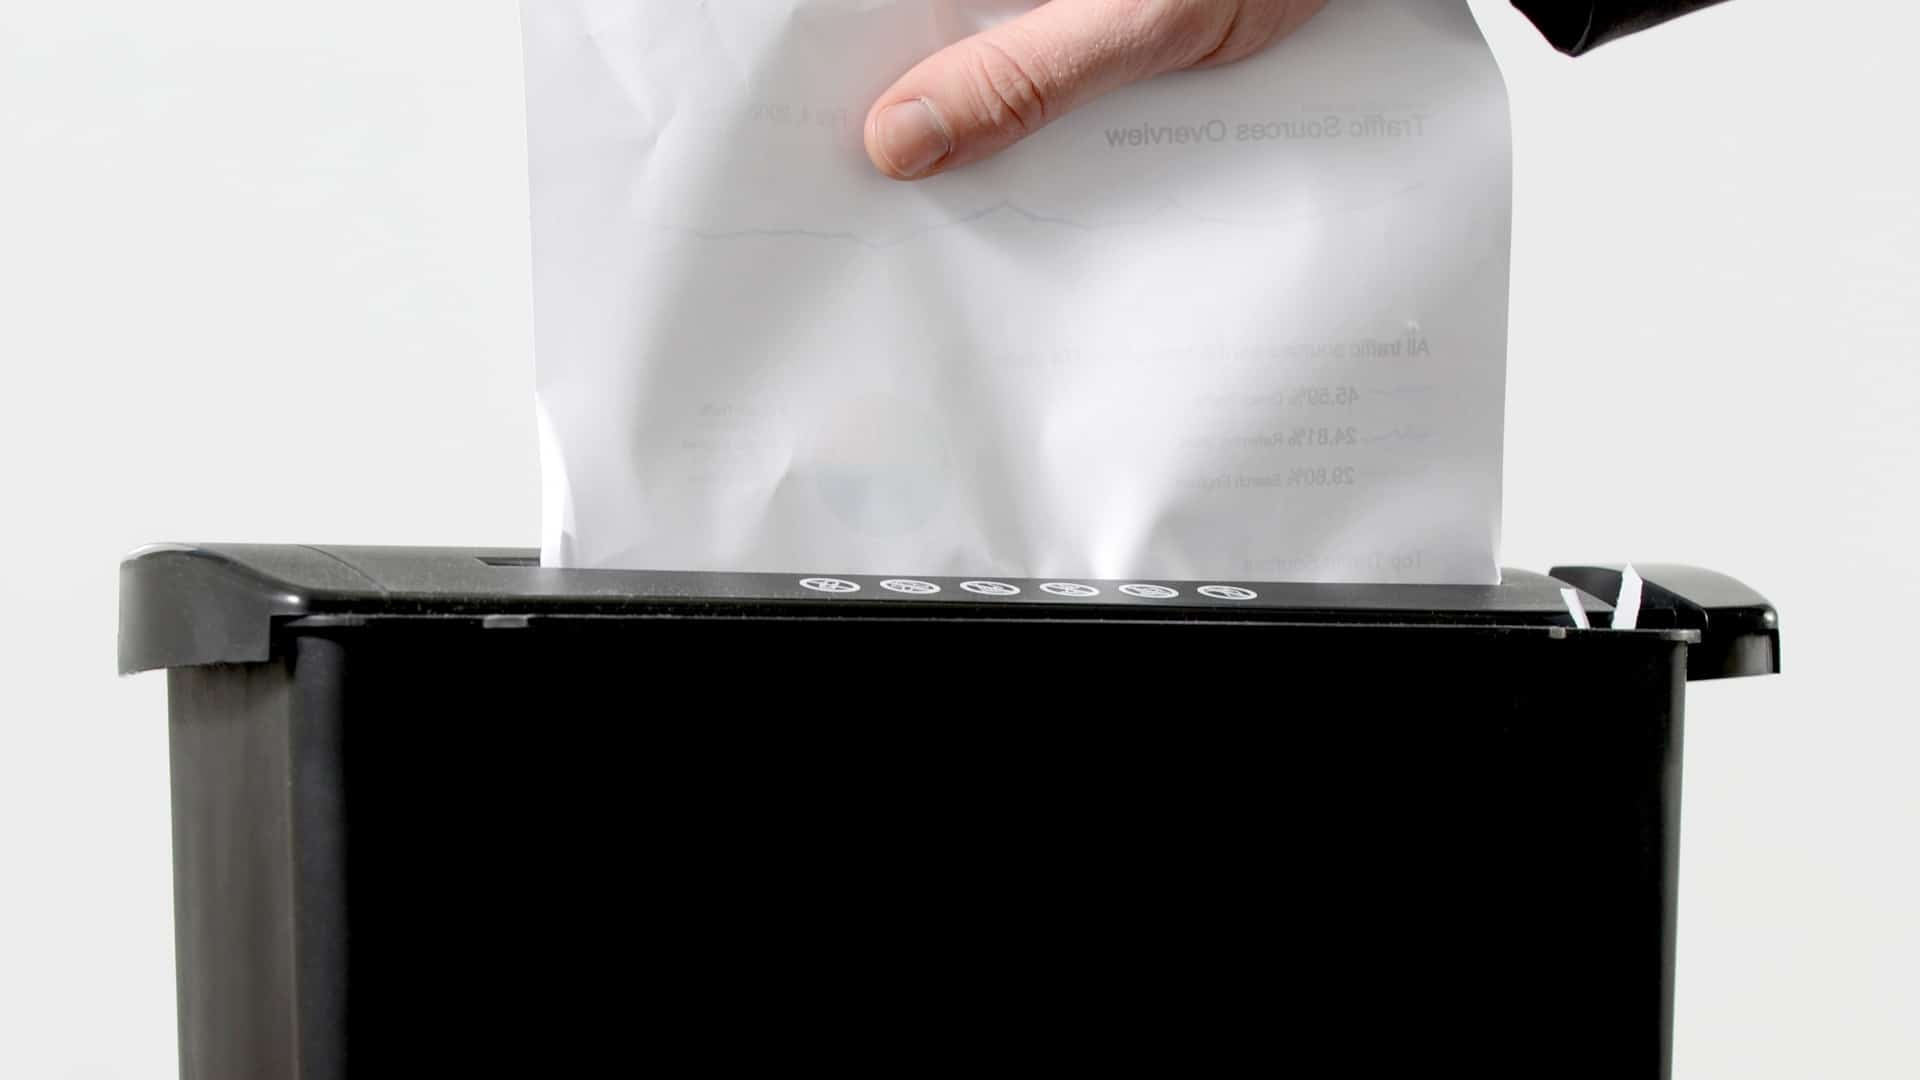 Triturador de papel: Qual é o melhor de 2020?